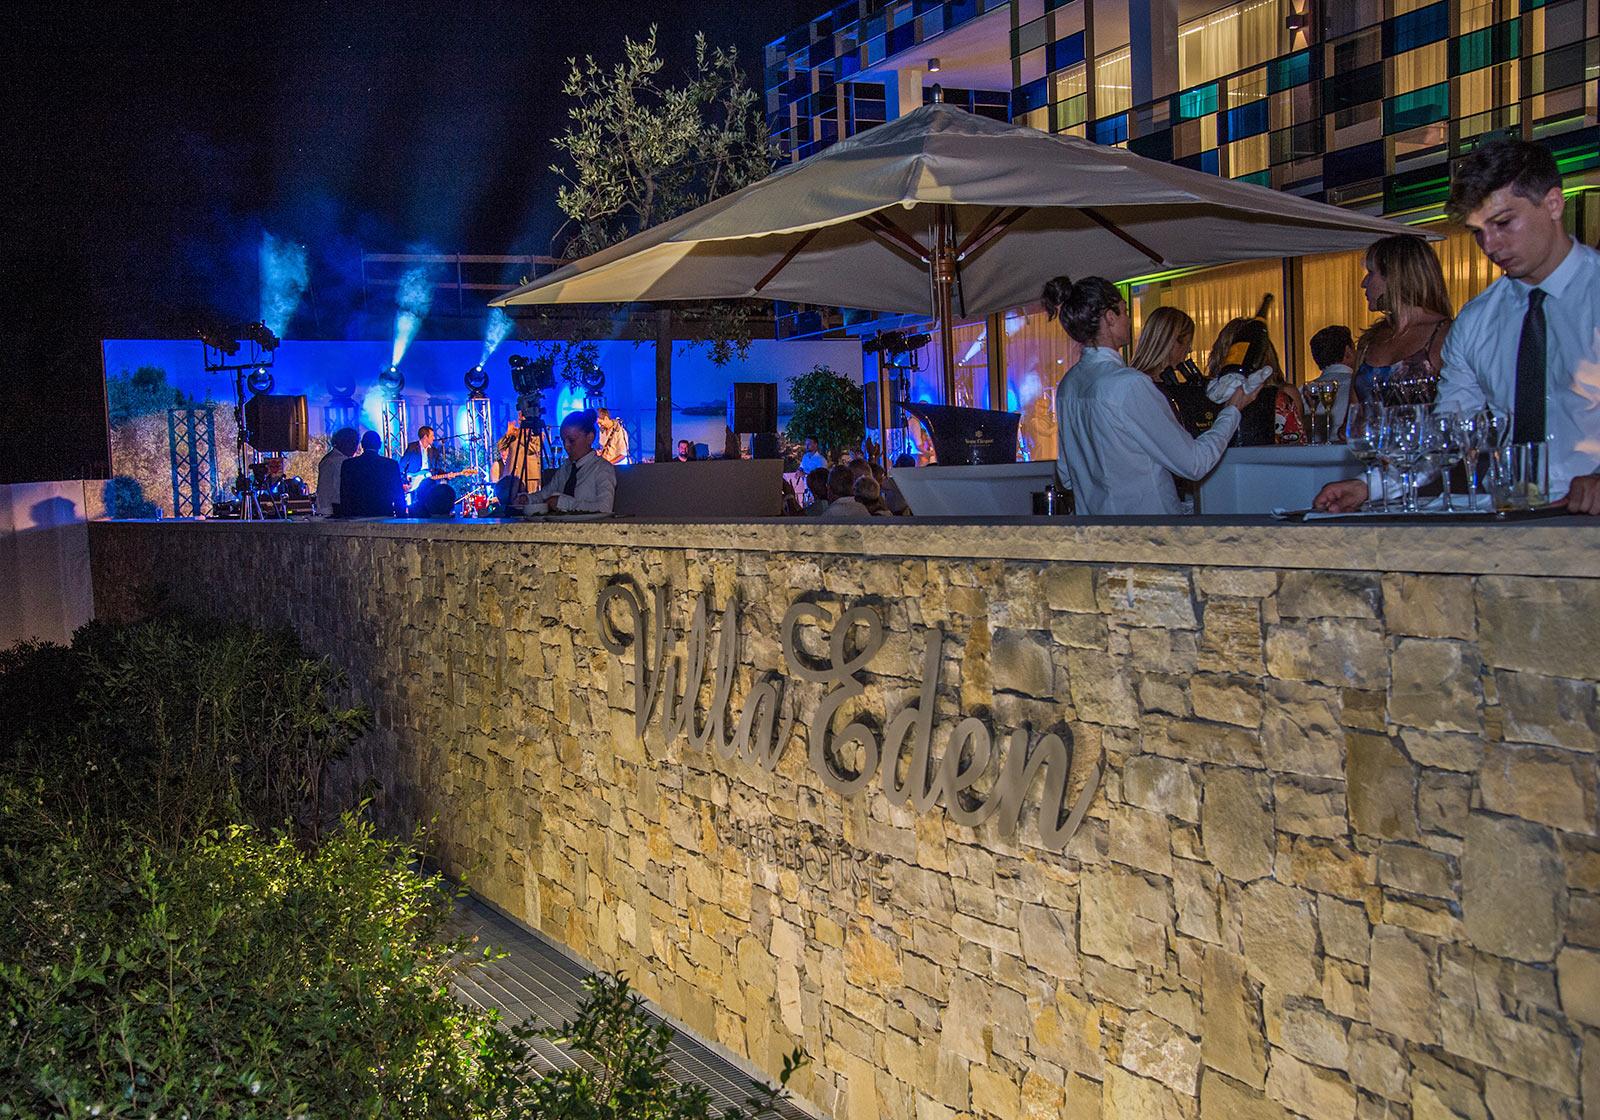 Das Eröffnungsevent fand auf der Terrasse des Clubhouse statt, welches das Zentrum des Gesamtensembles bildet. Foto: SIGNA/ av-media productions gmbH